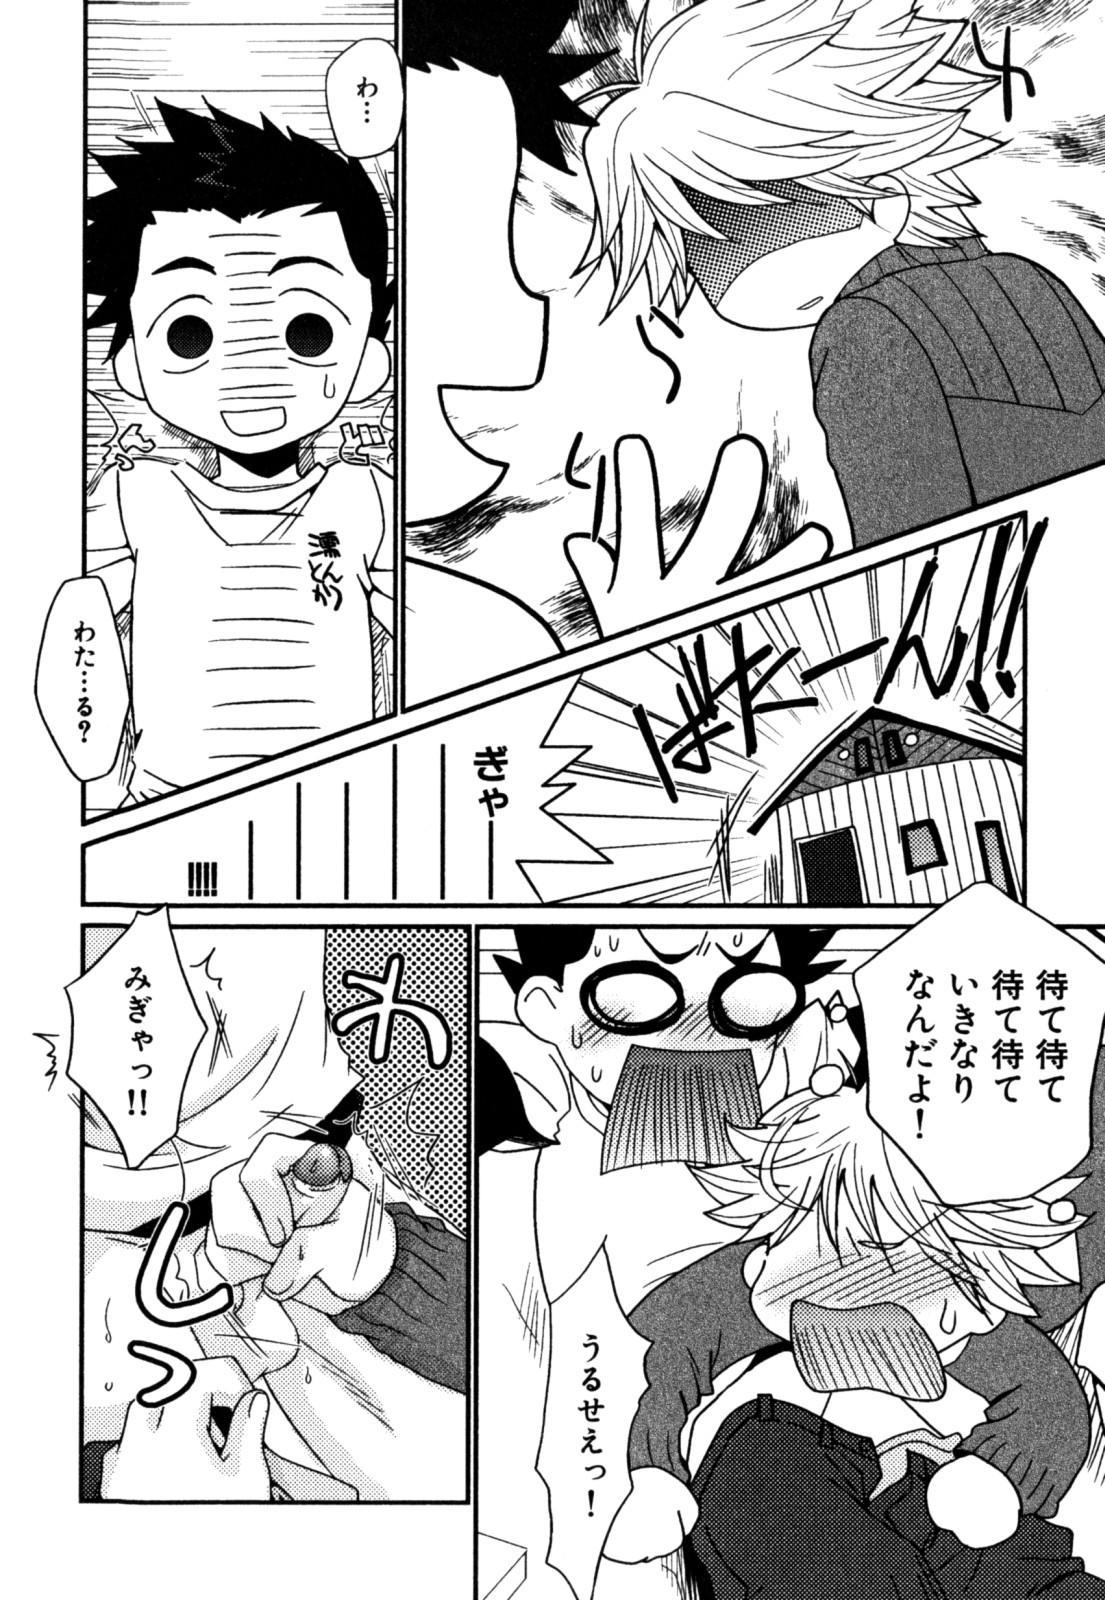 Akarui Otoko no Ko Keikaku 173